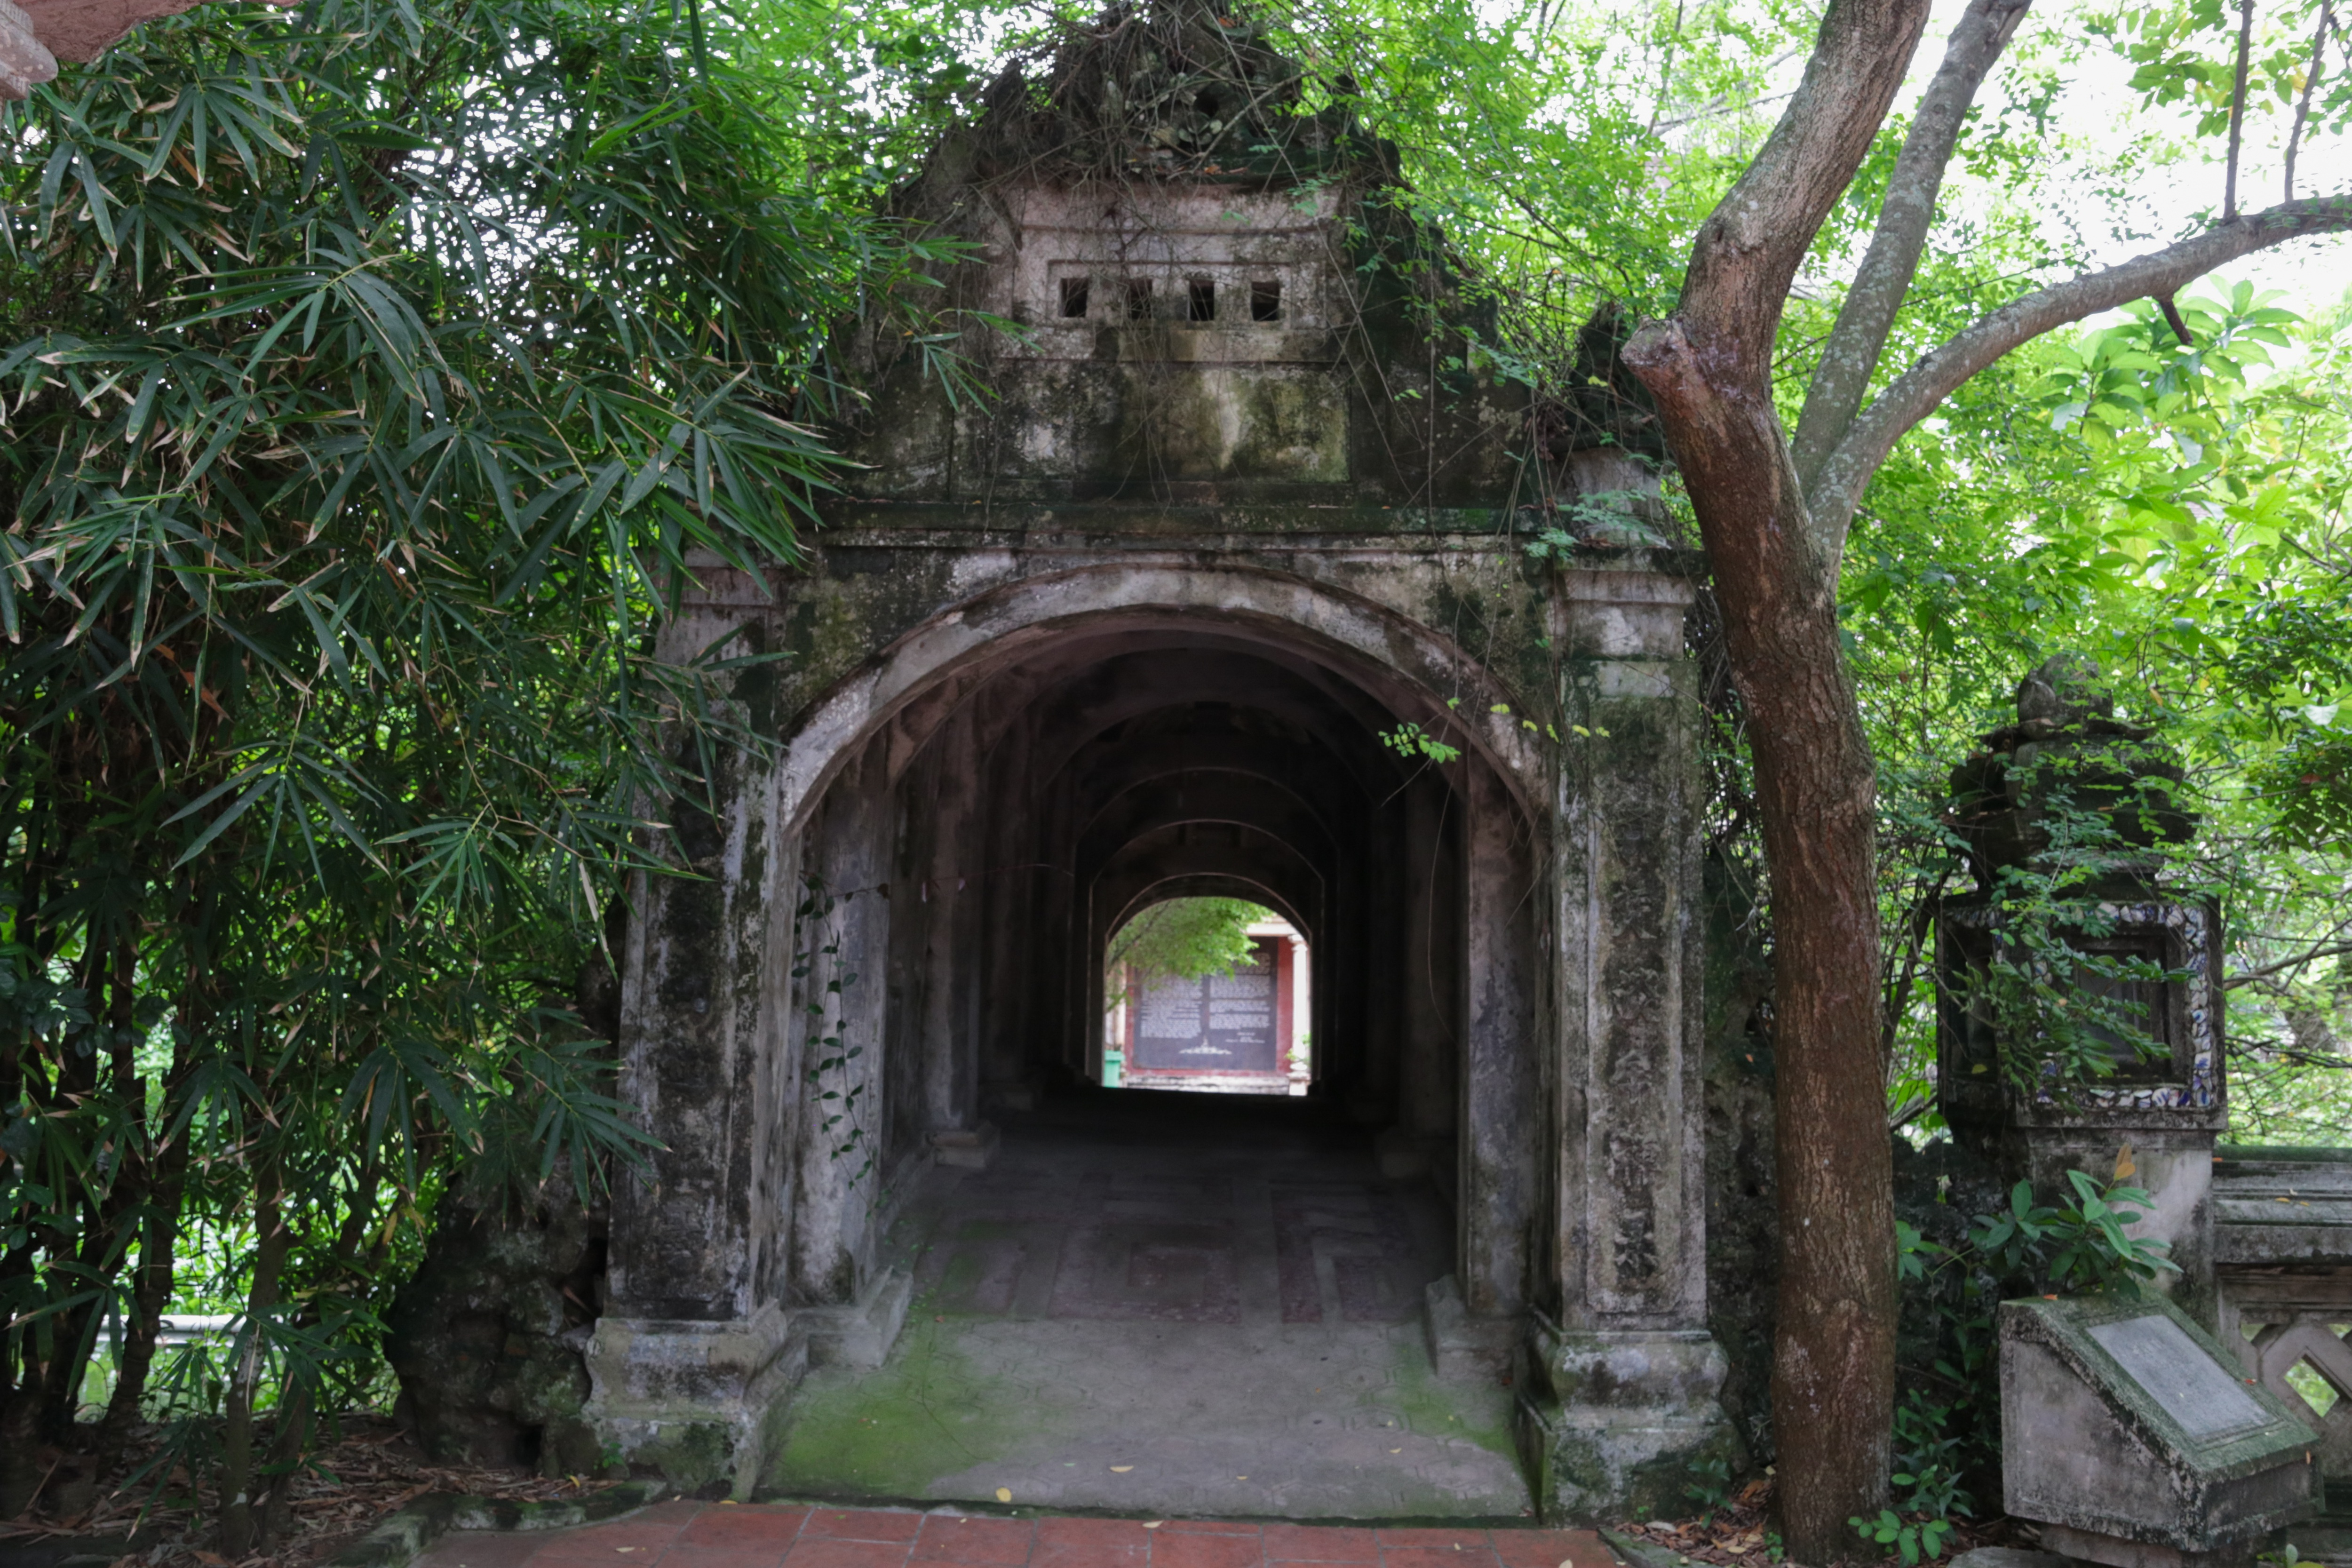 Sự kéo léo kết hợp giữa các yếu tố kiến trúc cổ truyền với kiến trúc Gô-tích của Gia-tô giáo đã làm nên nét khác biệt, độc đáo của ngôi chùa này.